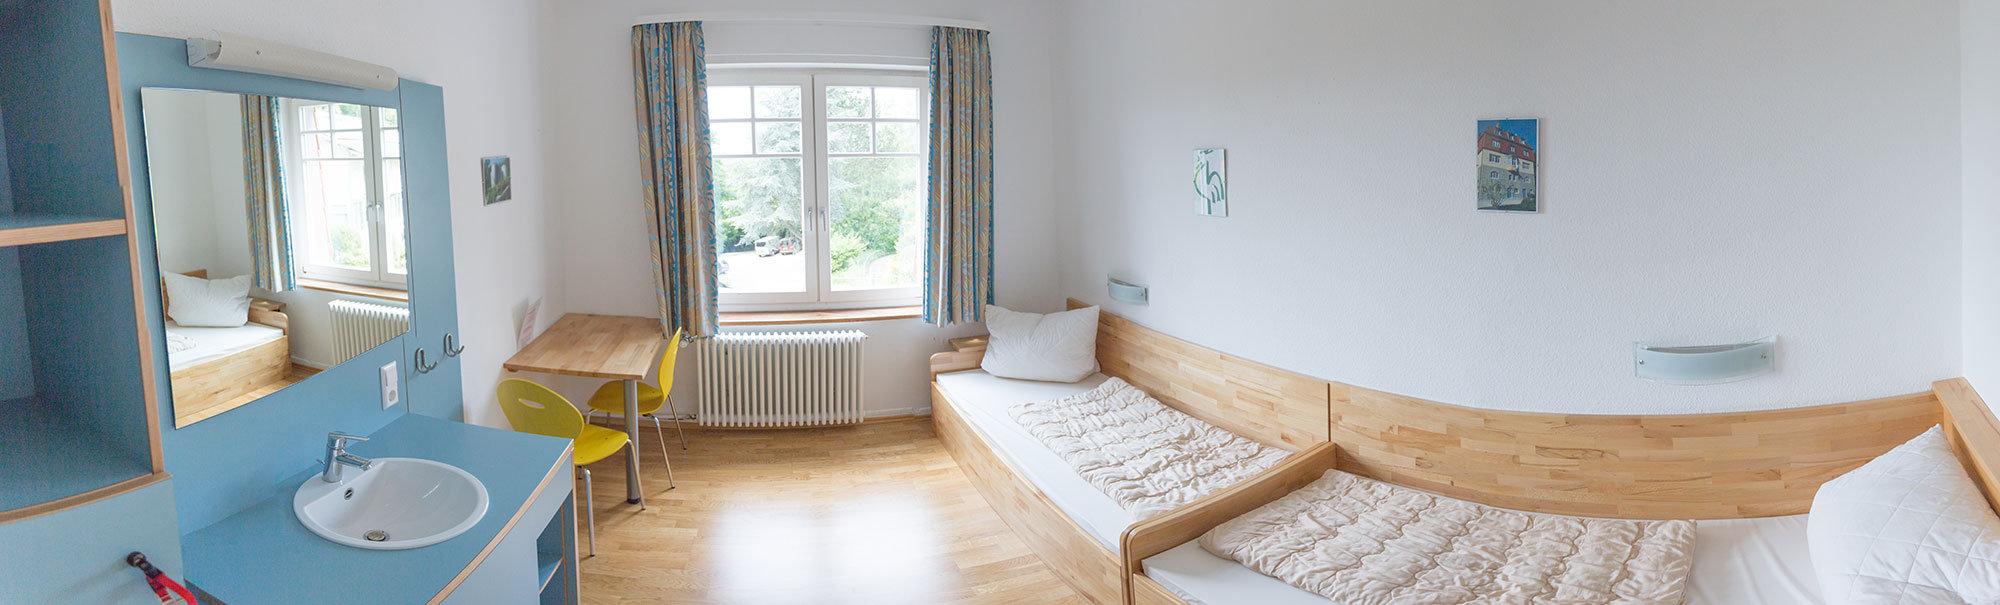 Unsere Häuser / Quelle: David Groschwitz / ekiba